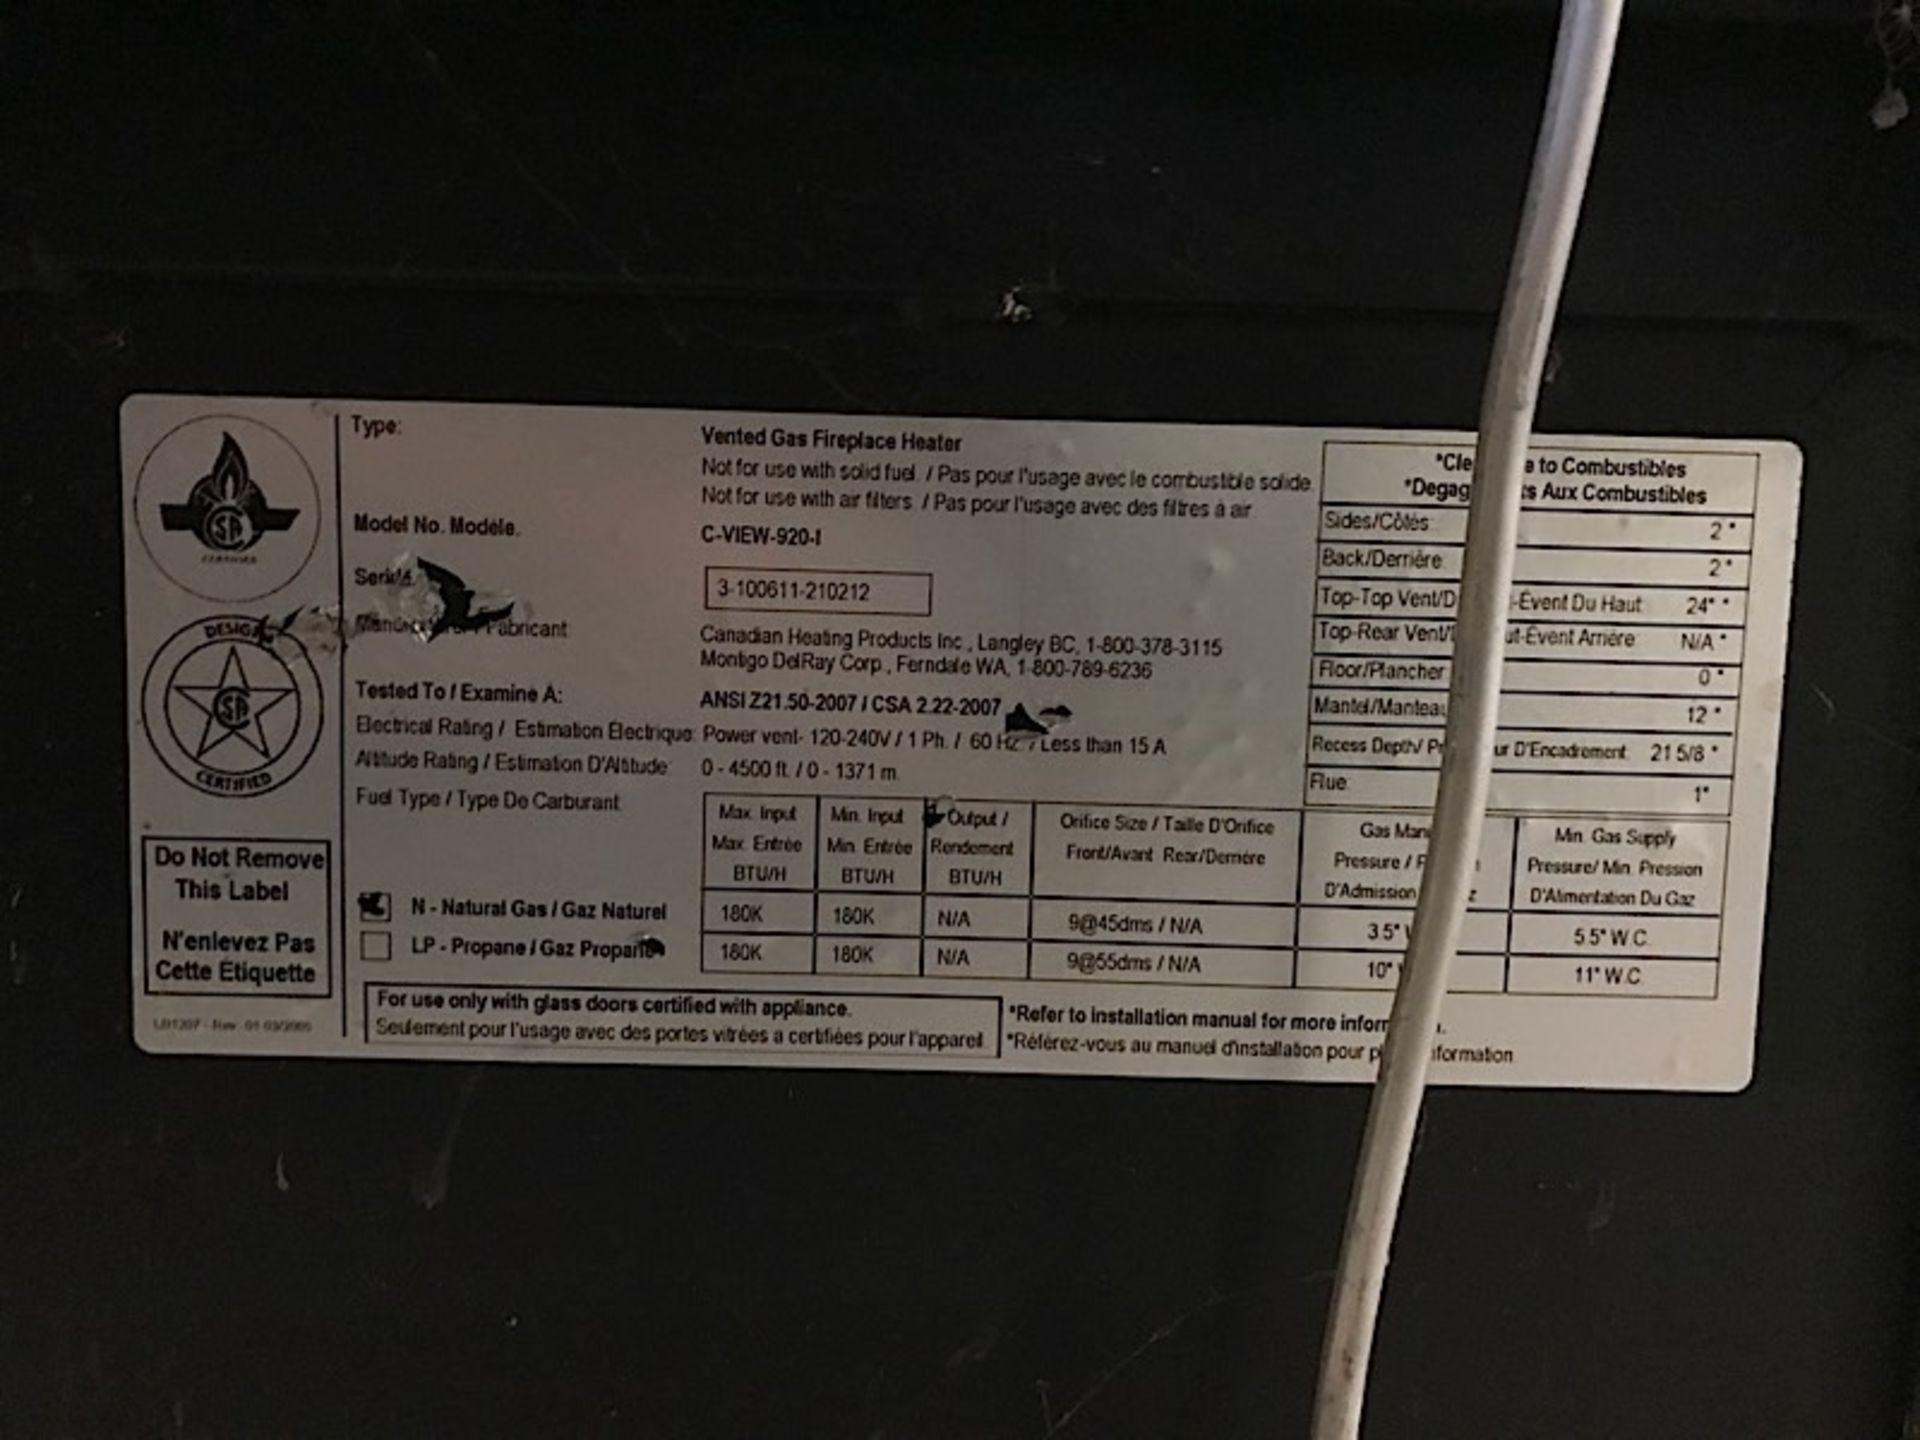 Lot 34 - MONTIGO 10ft VENTED GAS FIREPLACE (C-VIEW-920-I)